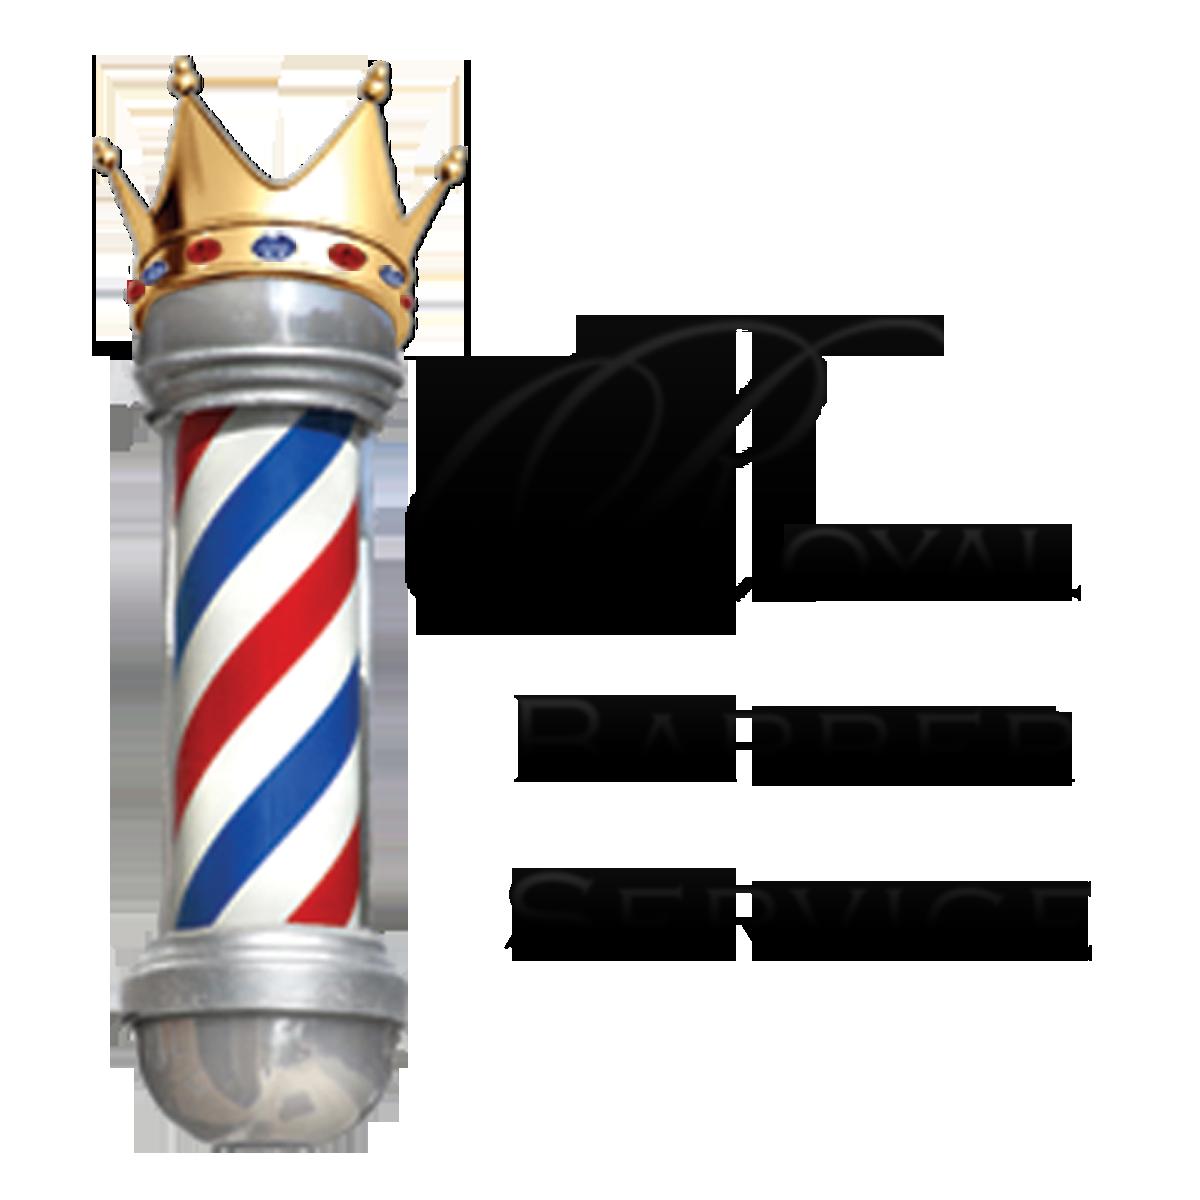 Barber Services : Royal Barber Service